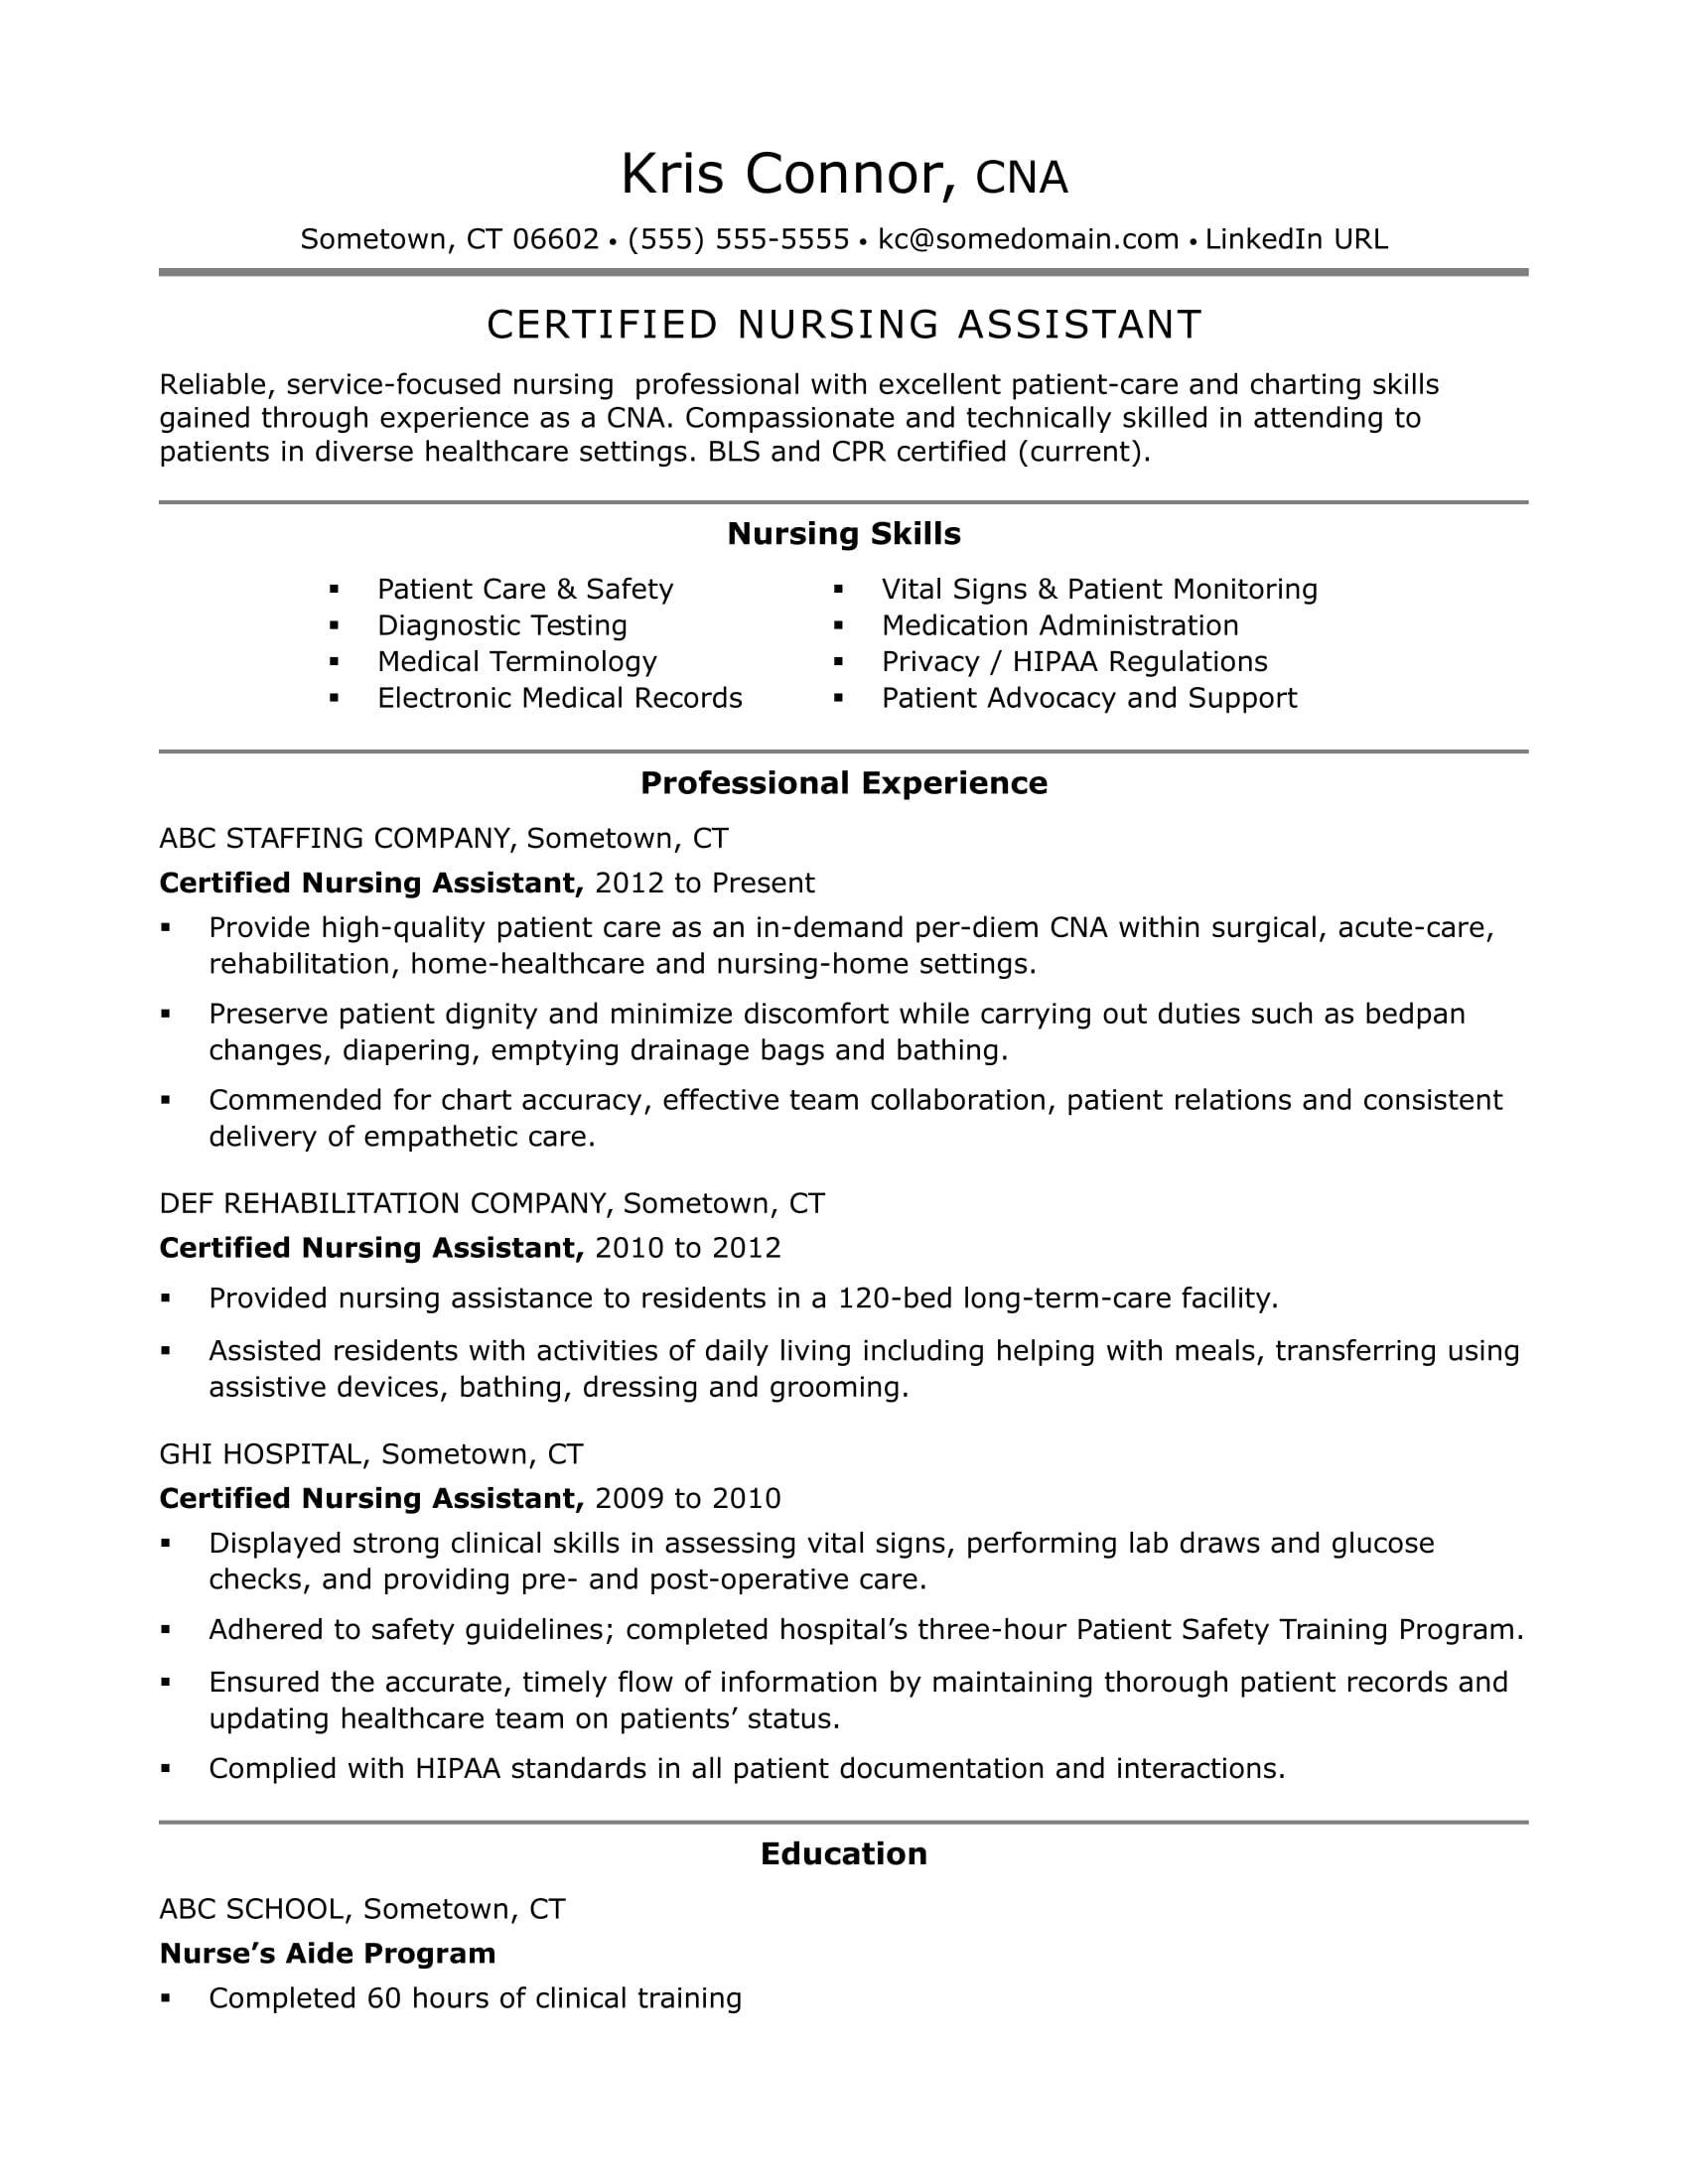 Resume For Nursing Assistant